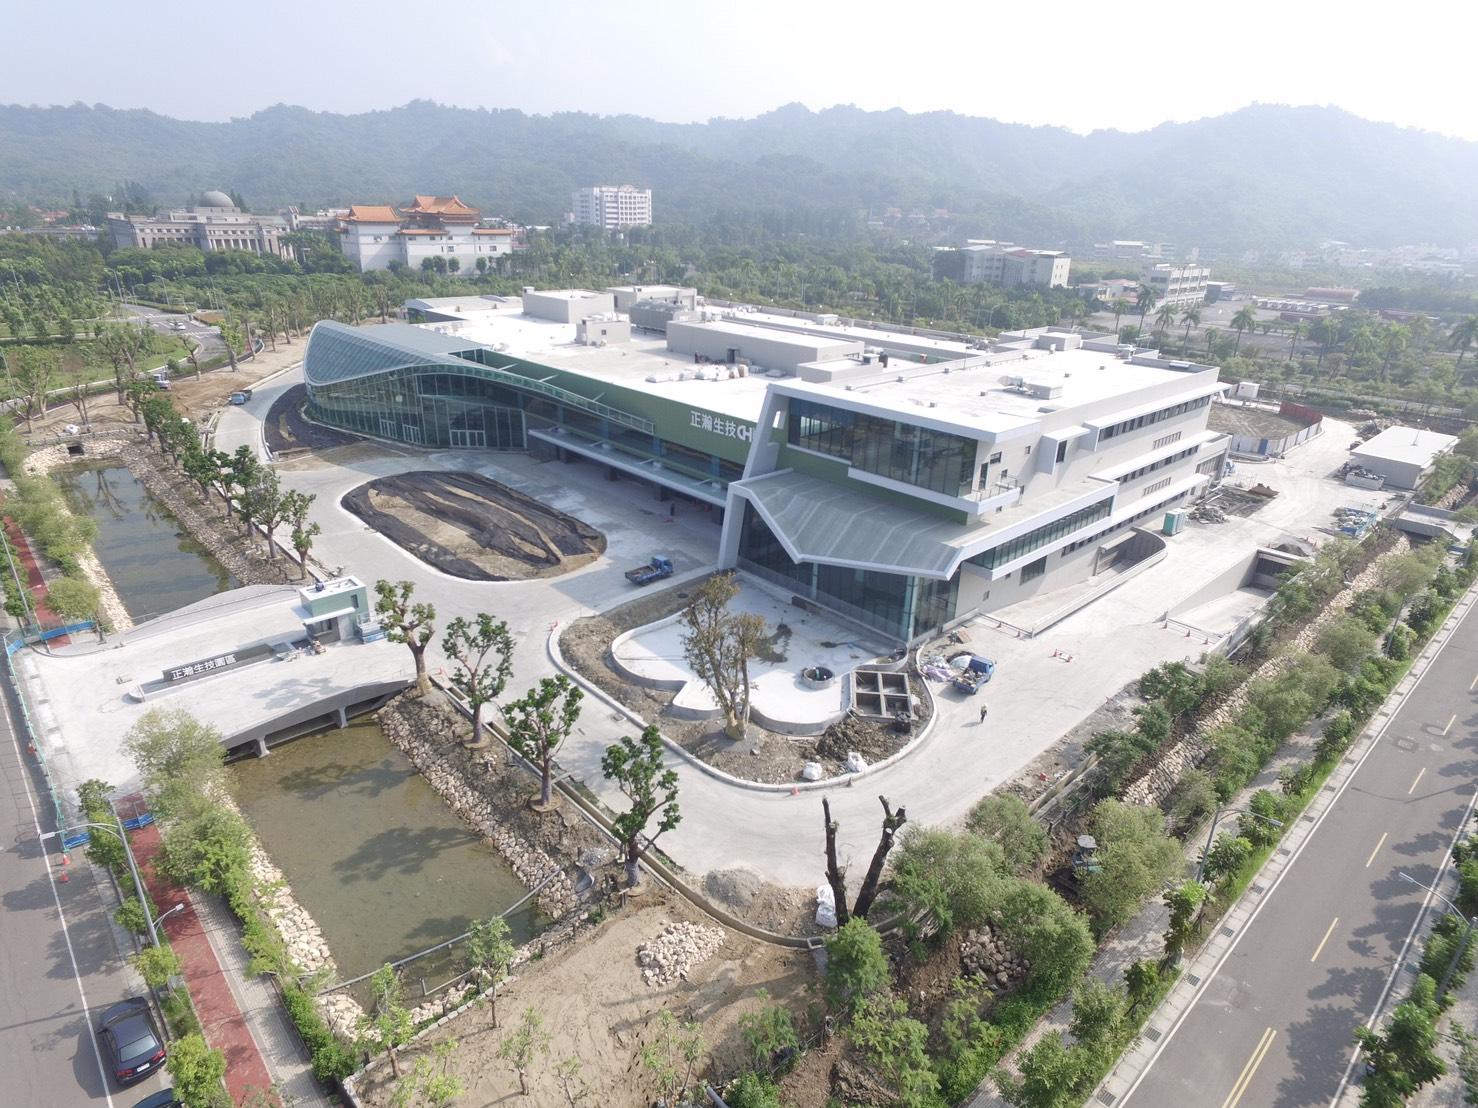 正瀚生技投入20億元所建立的植物整合研究中心,除了協助解決全球農業問題,也希望成為一座橋樑,把台灣蘊藏多年的學術成果,轉化具有商業價值的實質產品